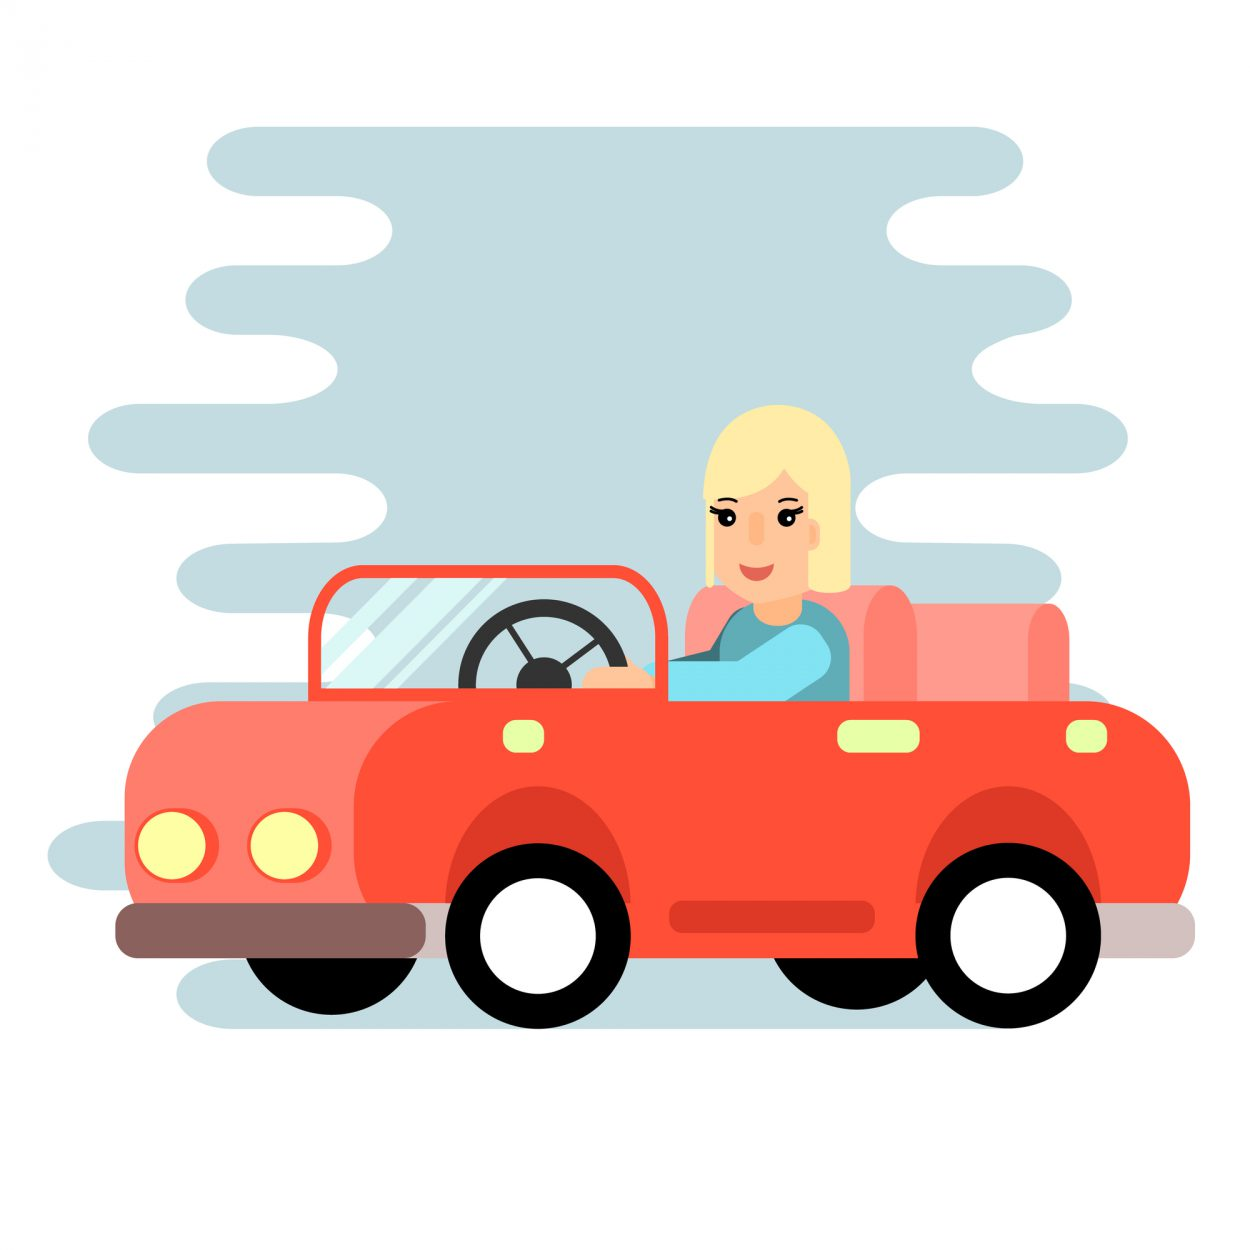 Молодая женщина останавливает автомобиль как раз под знаком запрета стоянки. Подходит кней автоинспектор иговорит…